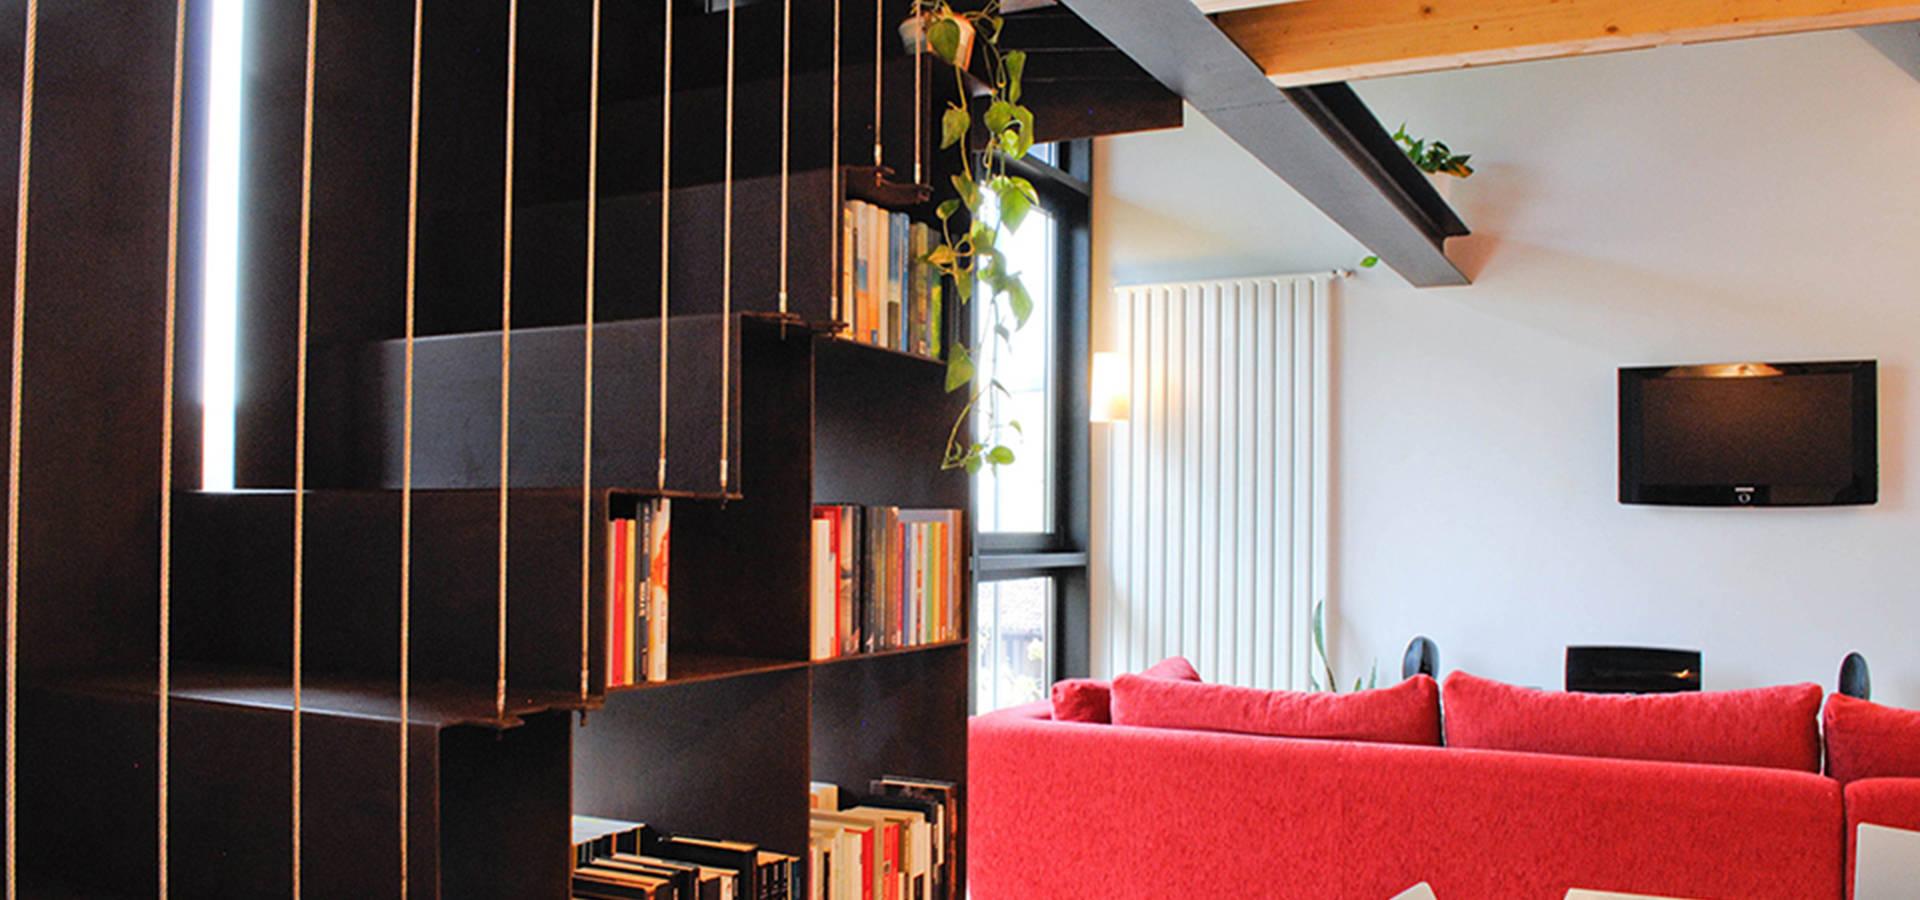 Architettura Sostenibile Architetti mcarc laboratorio di architettura sostenibile: architetti a